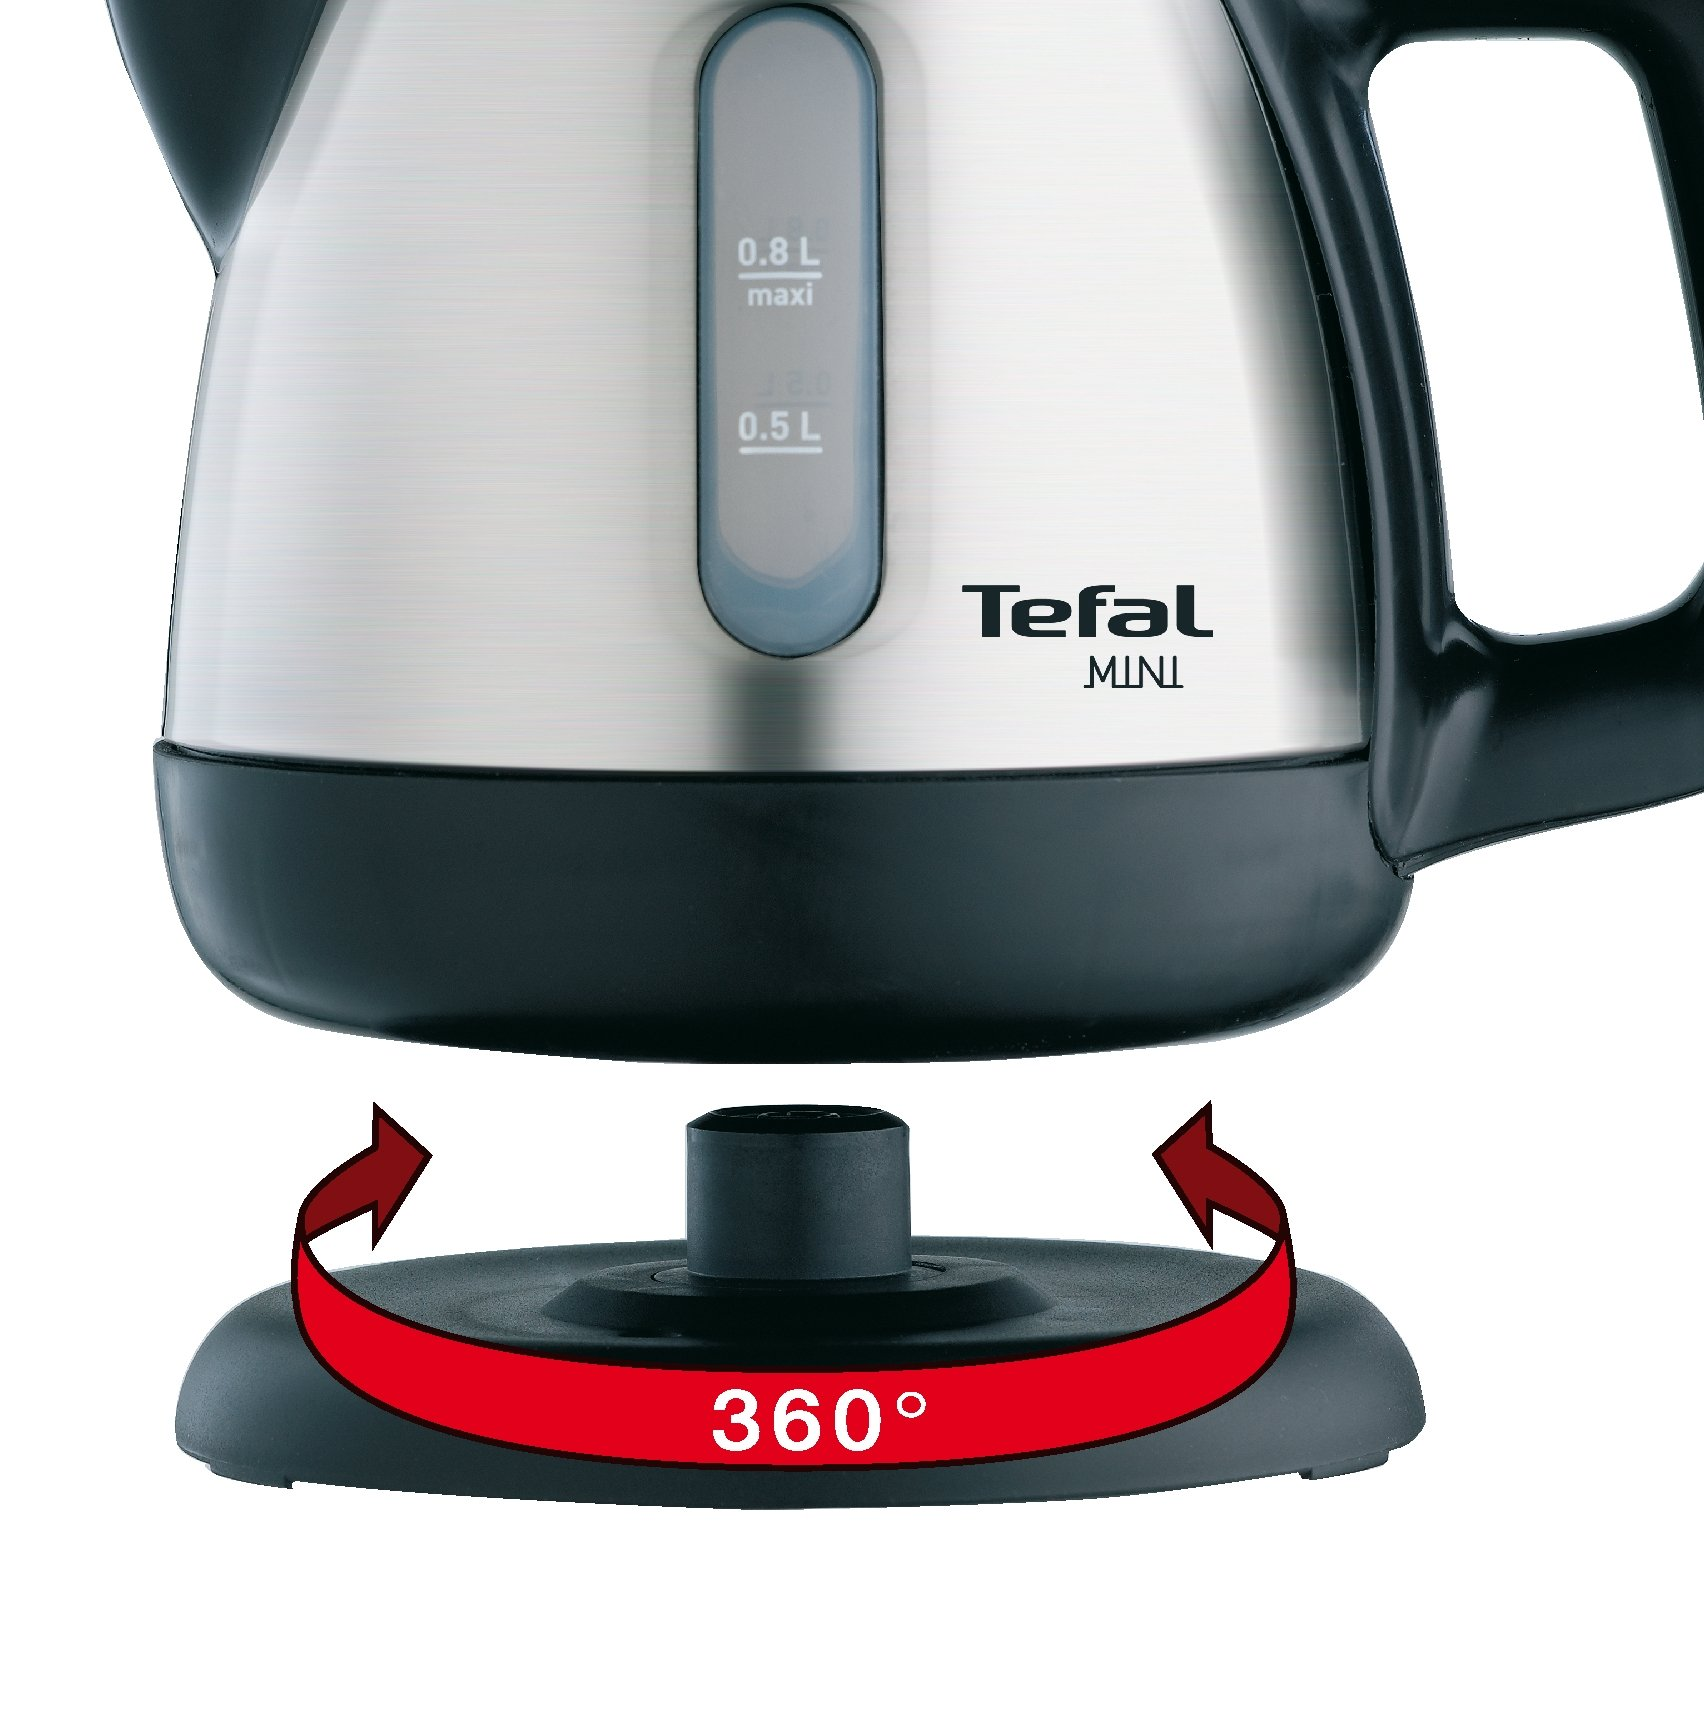 Tefal-BI-8125-Wasserkocher-Mini-08L-2200-W-Edelstahl